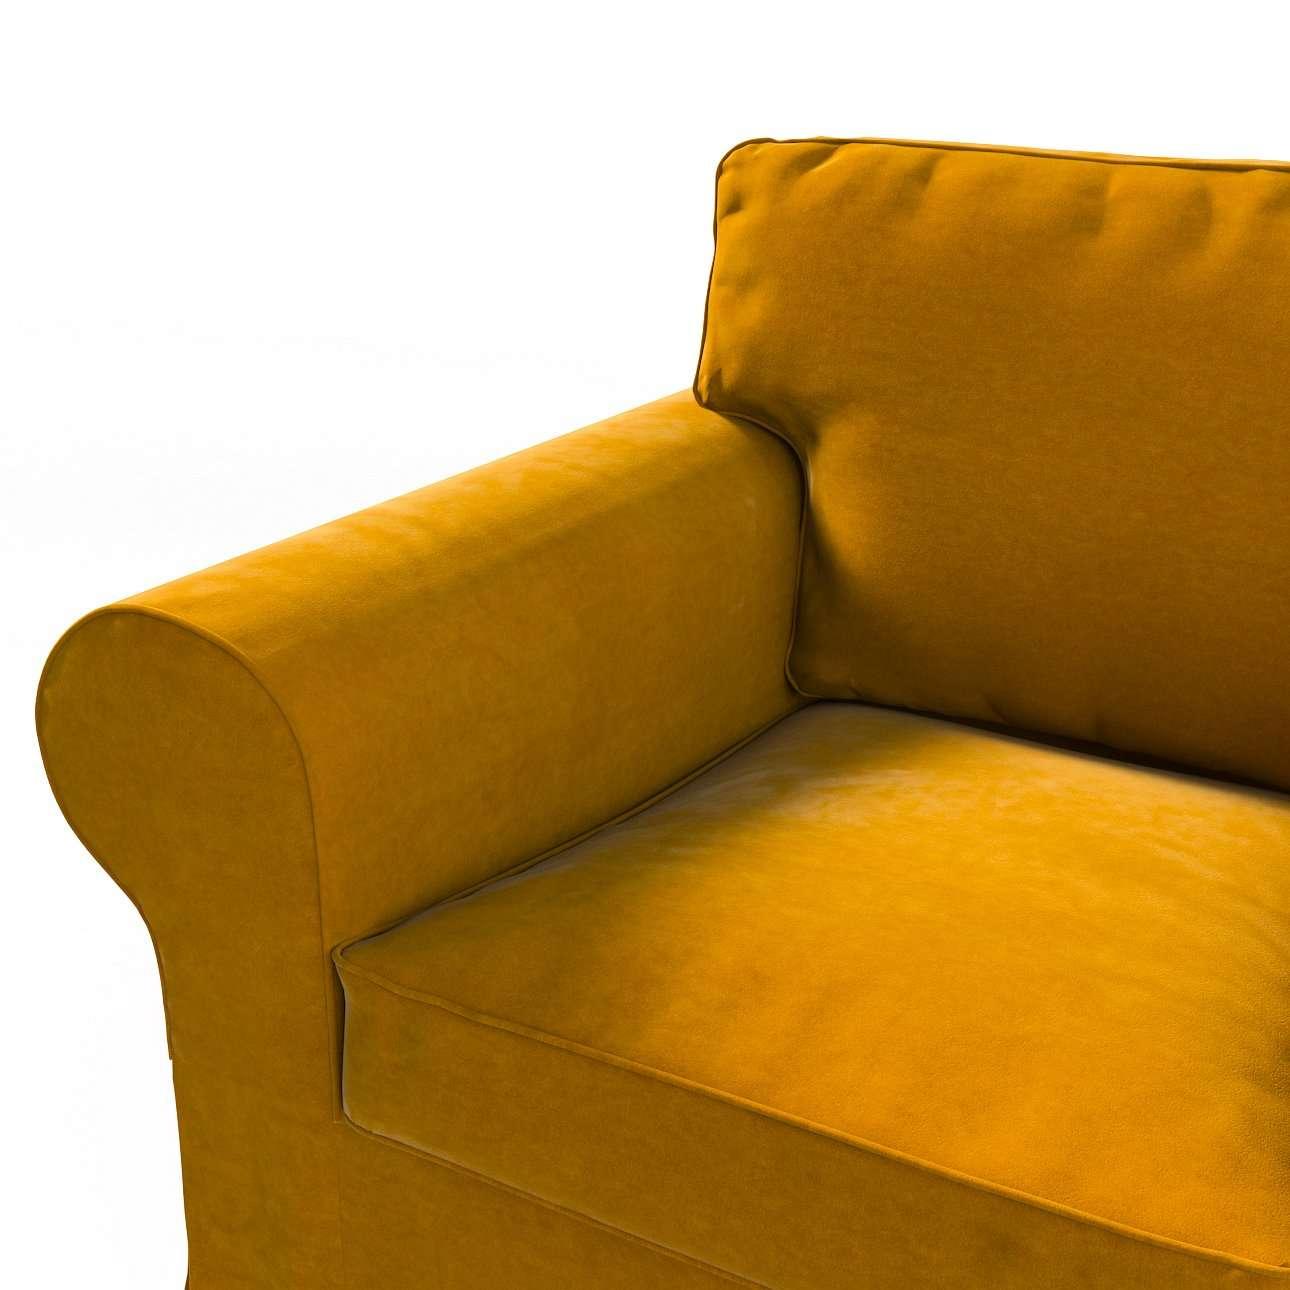 Pokrowiec na fotel Ektorp w kolekcji Velvet, tkanina: 704-23